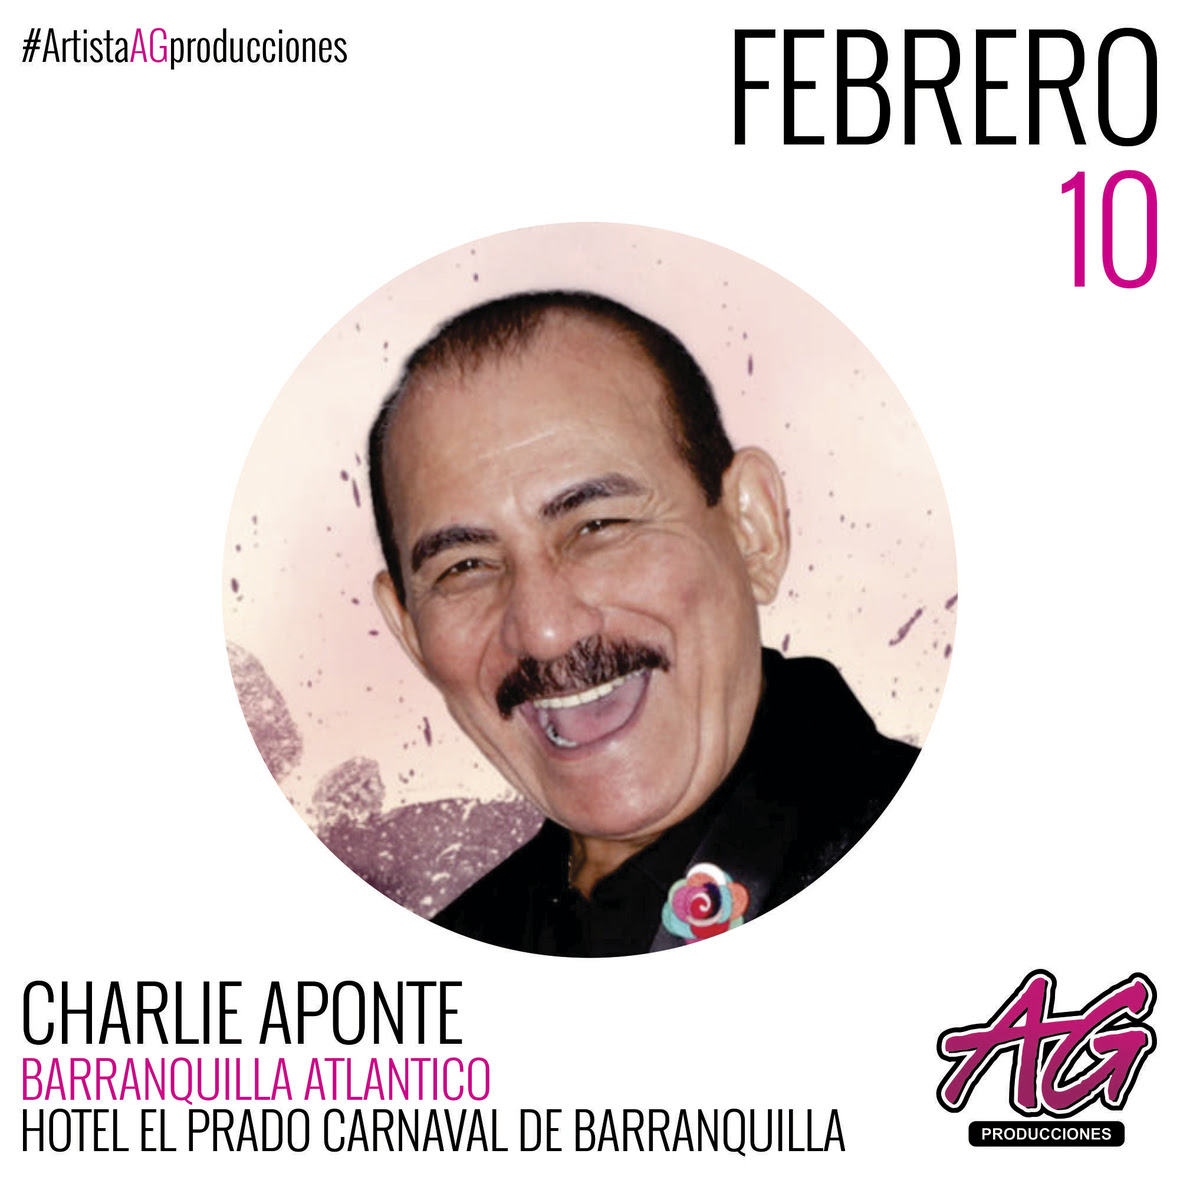 09 AG PRODUCCIONES - CHARLIE APONTE FEBRERO 10